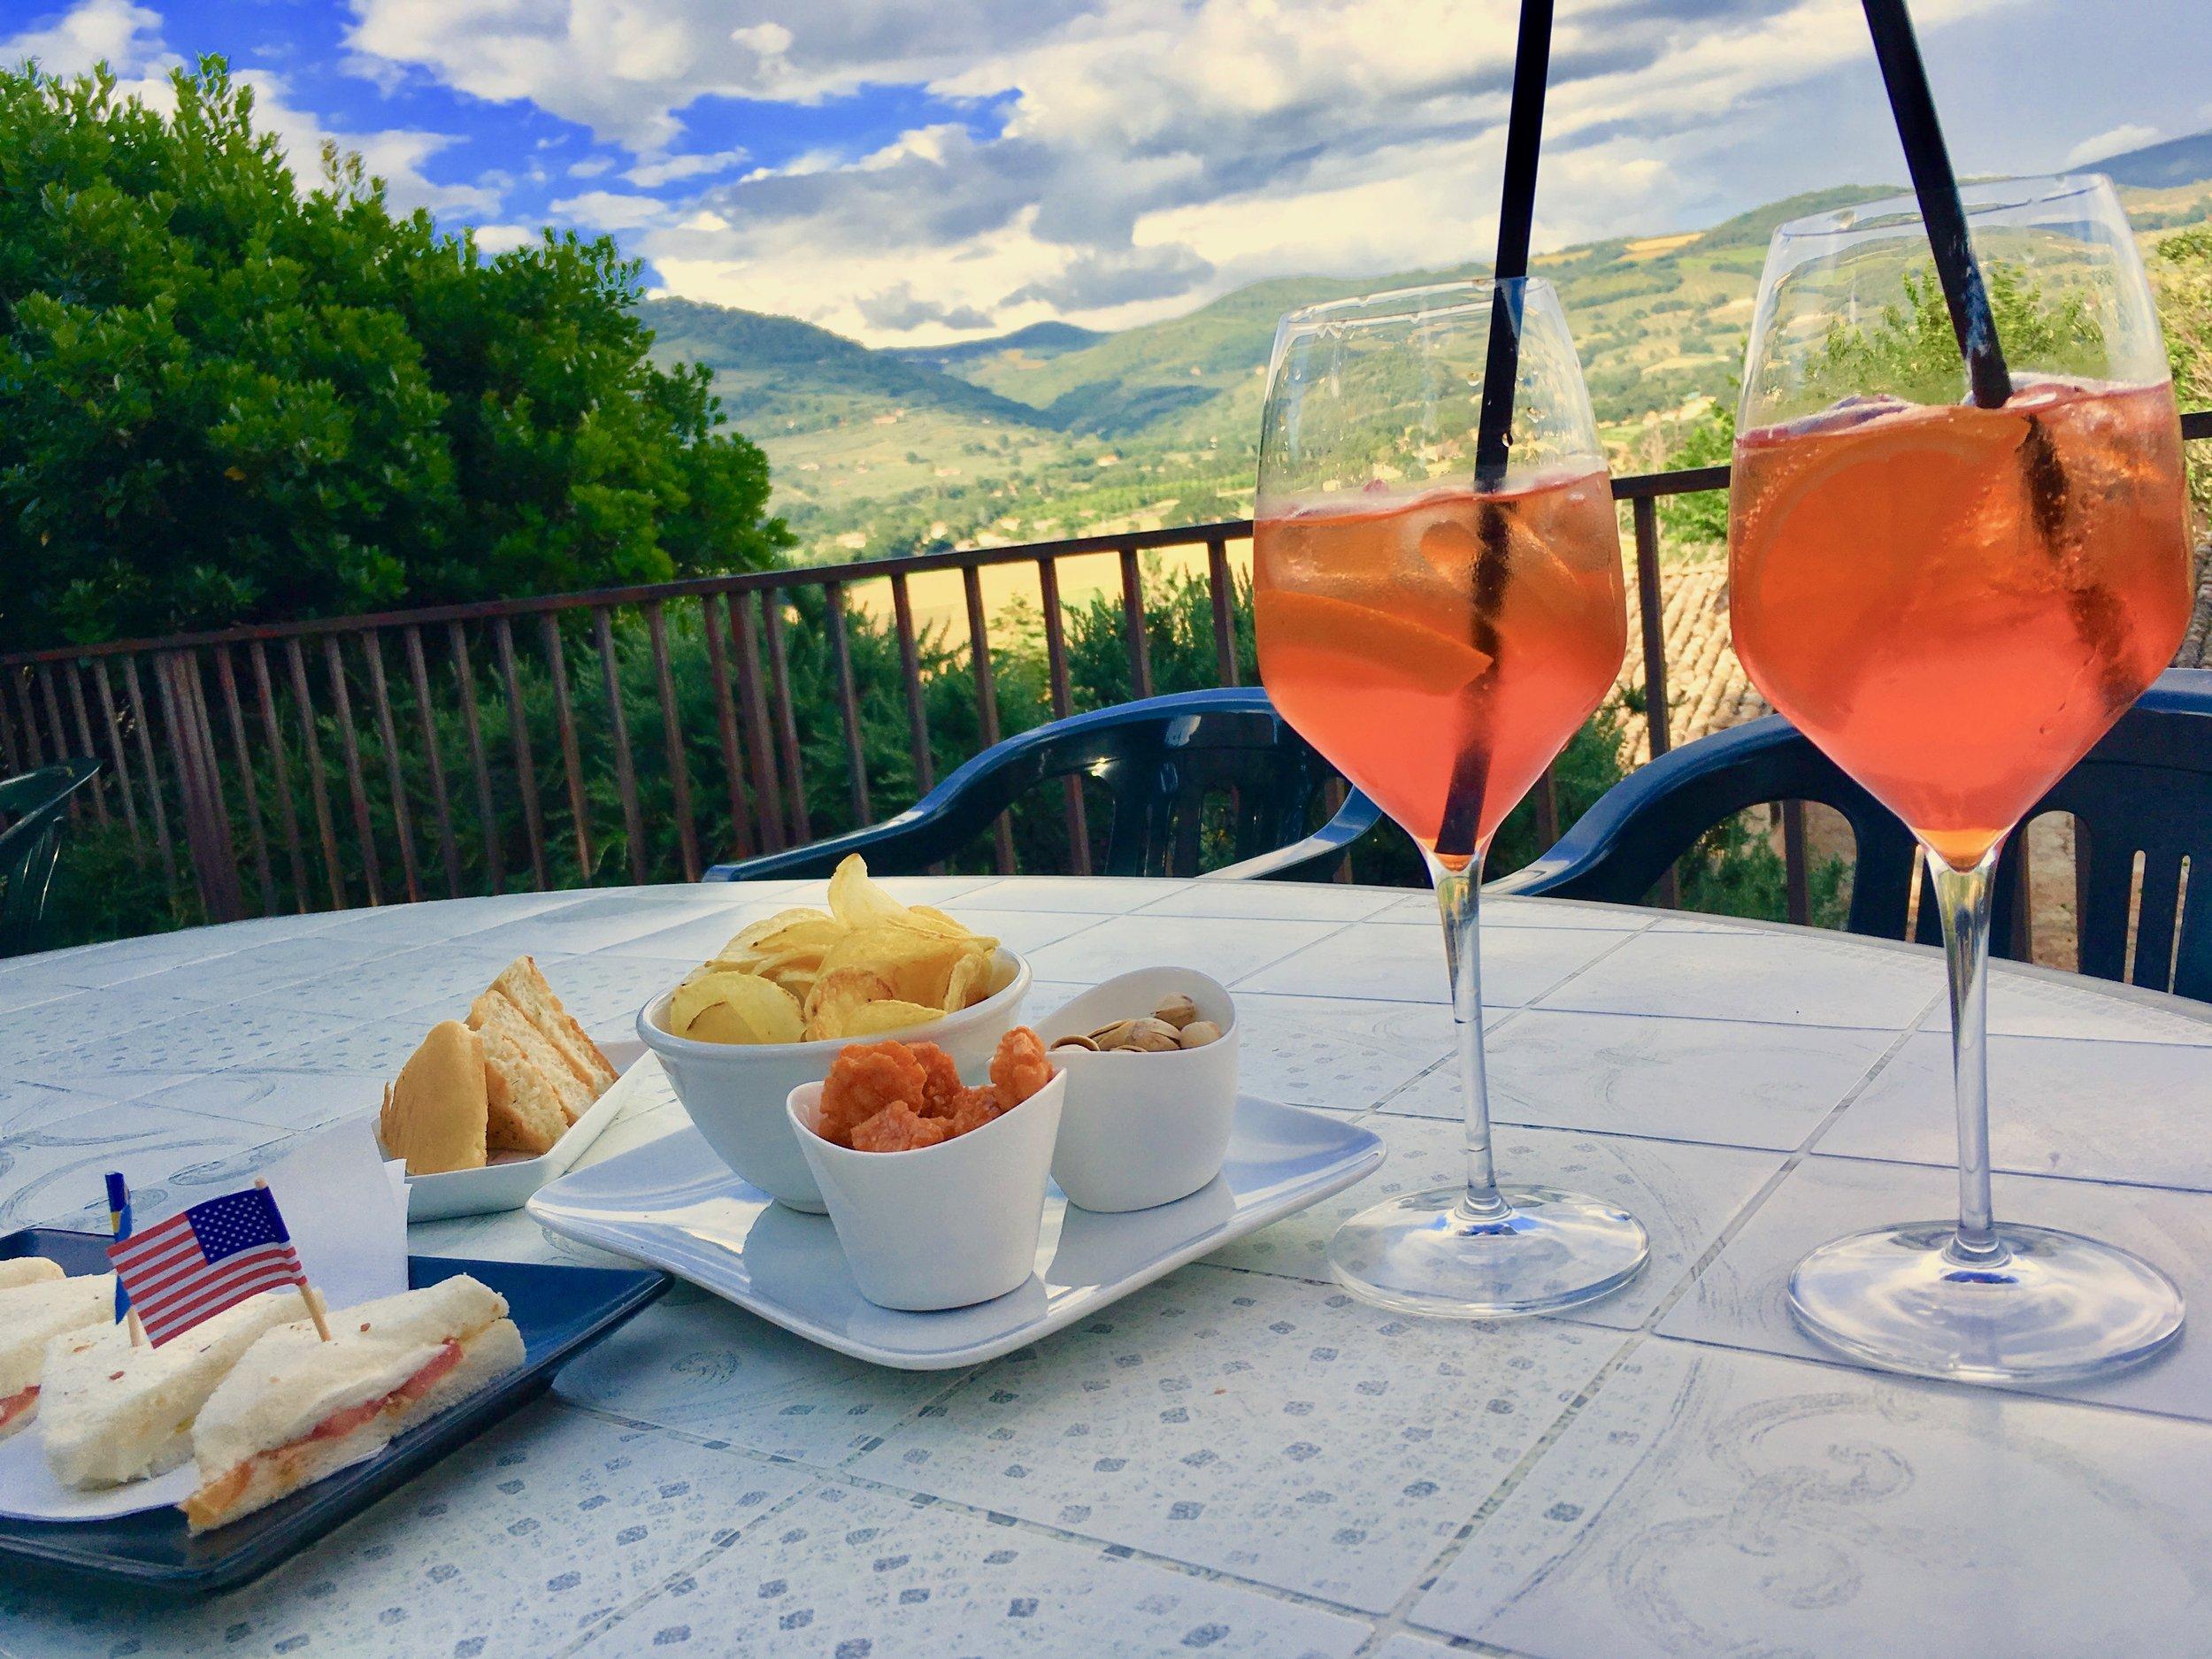 Bar Bonci Spritz in Spello, Umbria